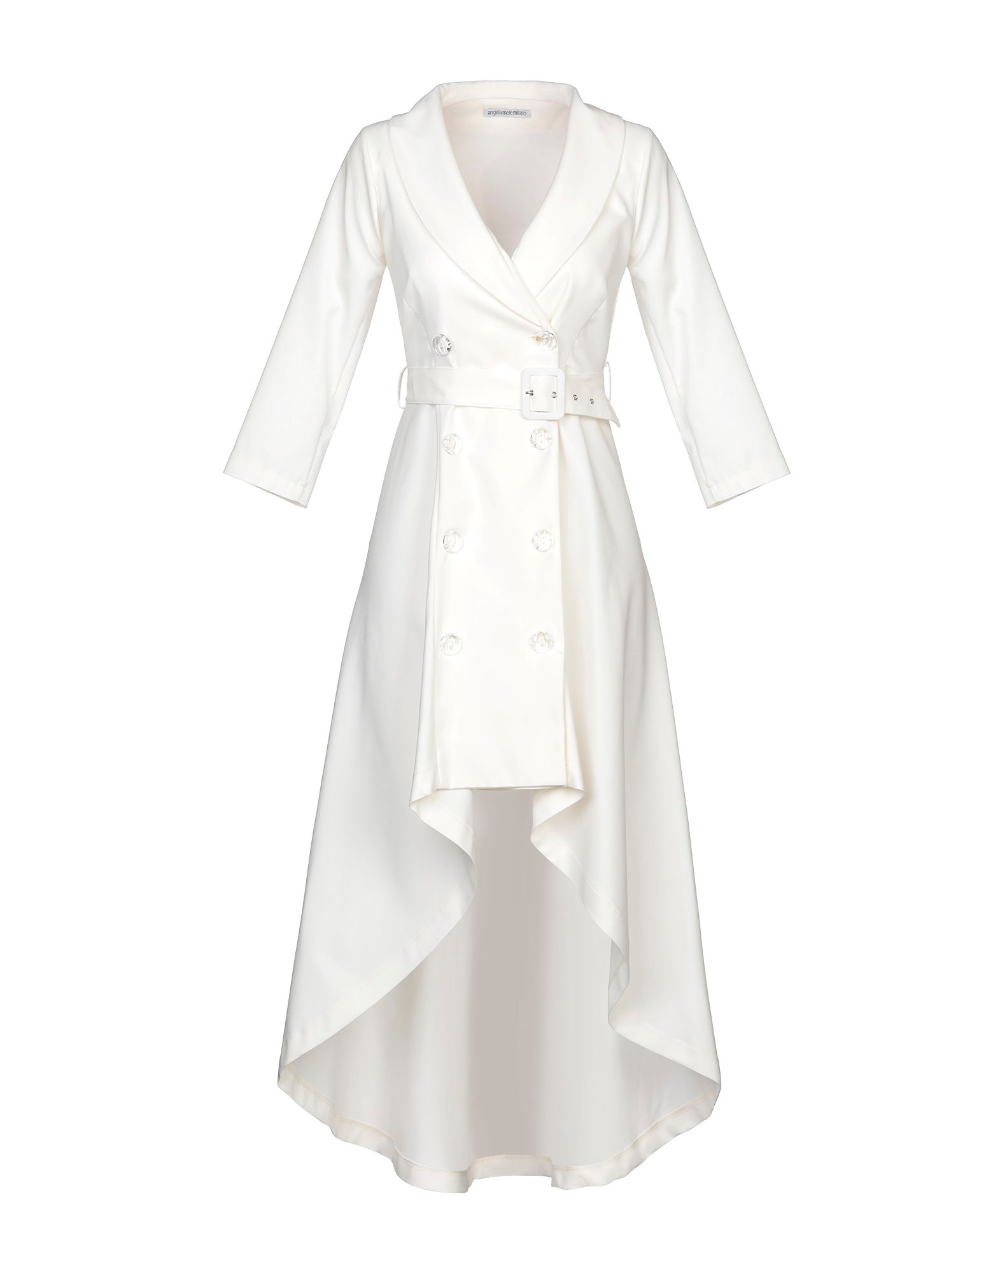 ANGELA MELE MILANO Kurzes Kleid - Kleid  Kurze kleider, Kleider